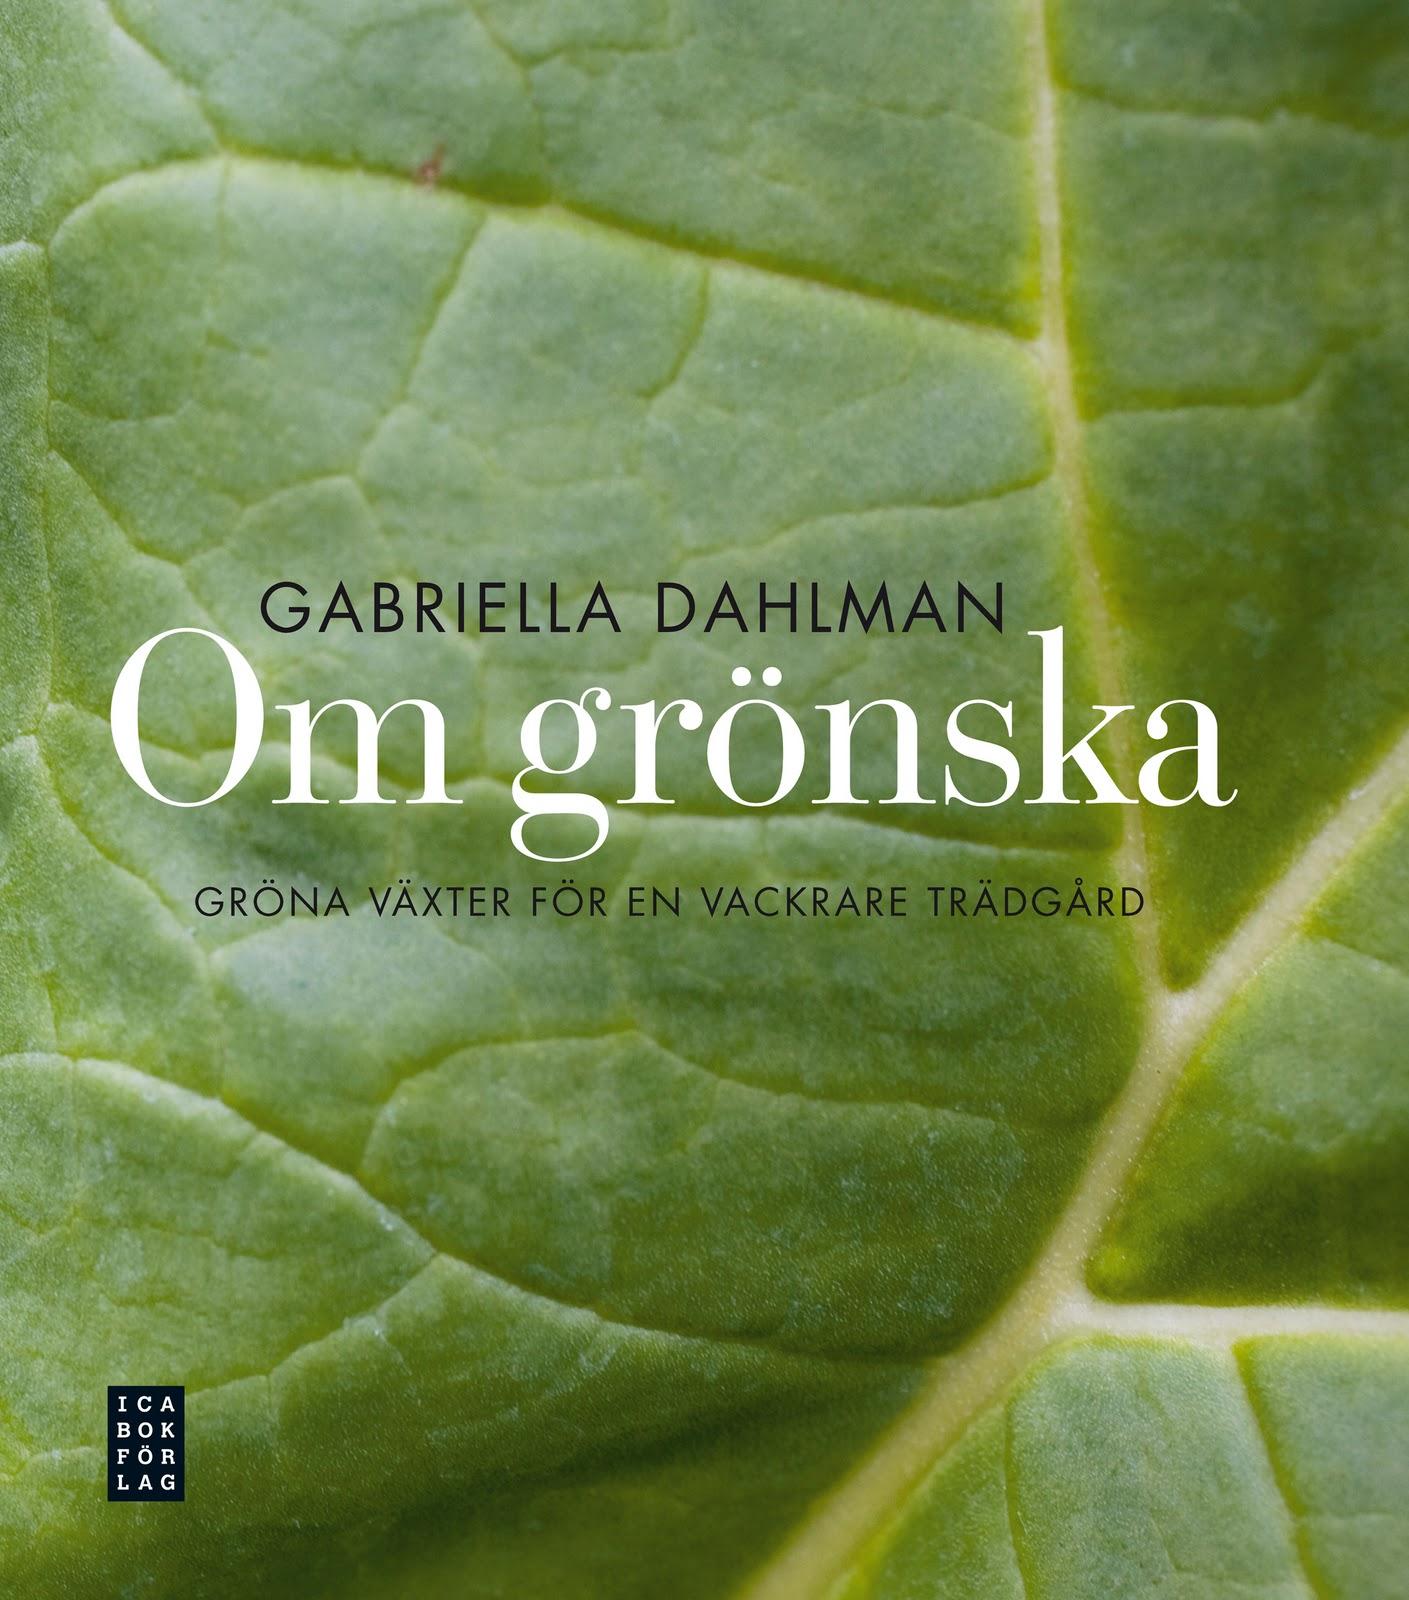 Svenska tidningsfavoriter: mest sålda böcker från adlibris 2010 ...